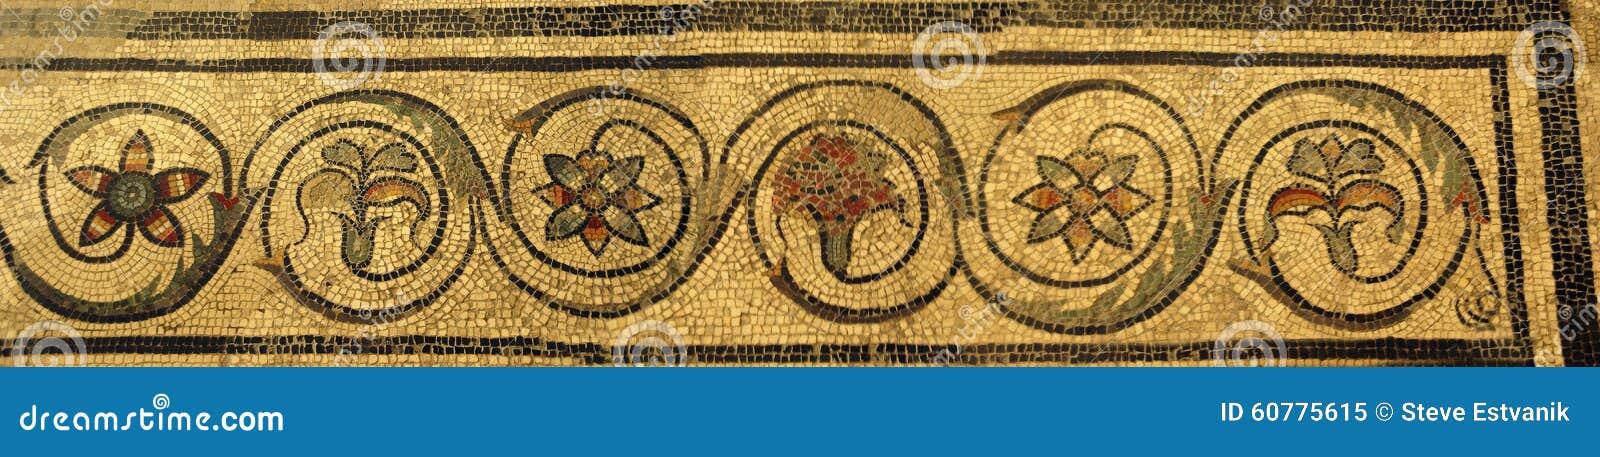 Teja de mosaico en el chalet antiguo de Román